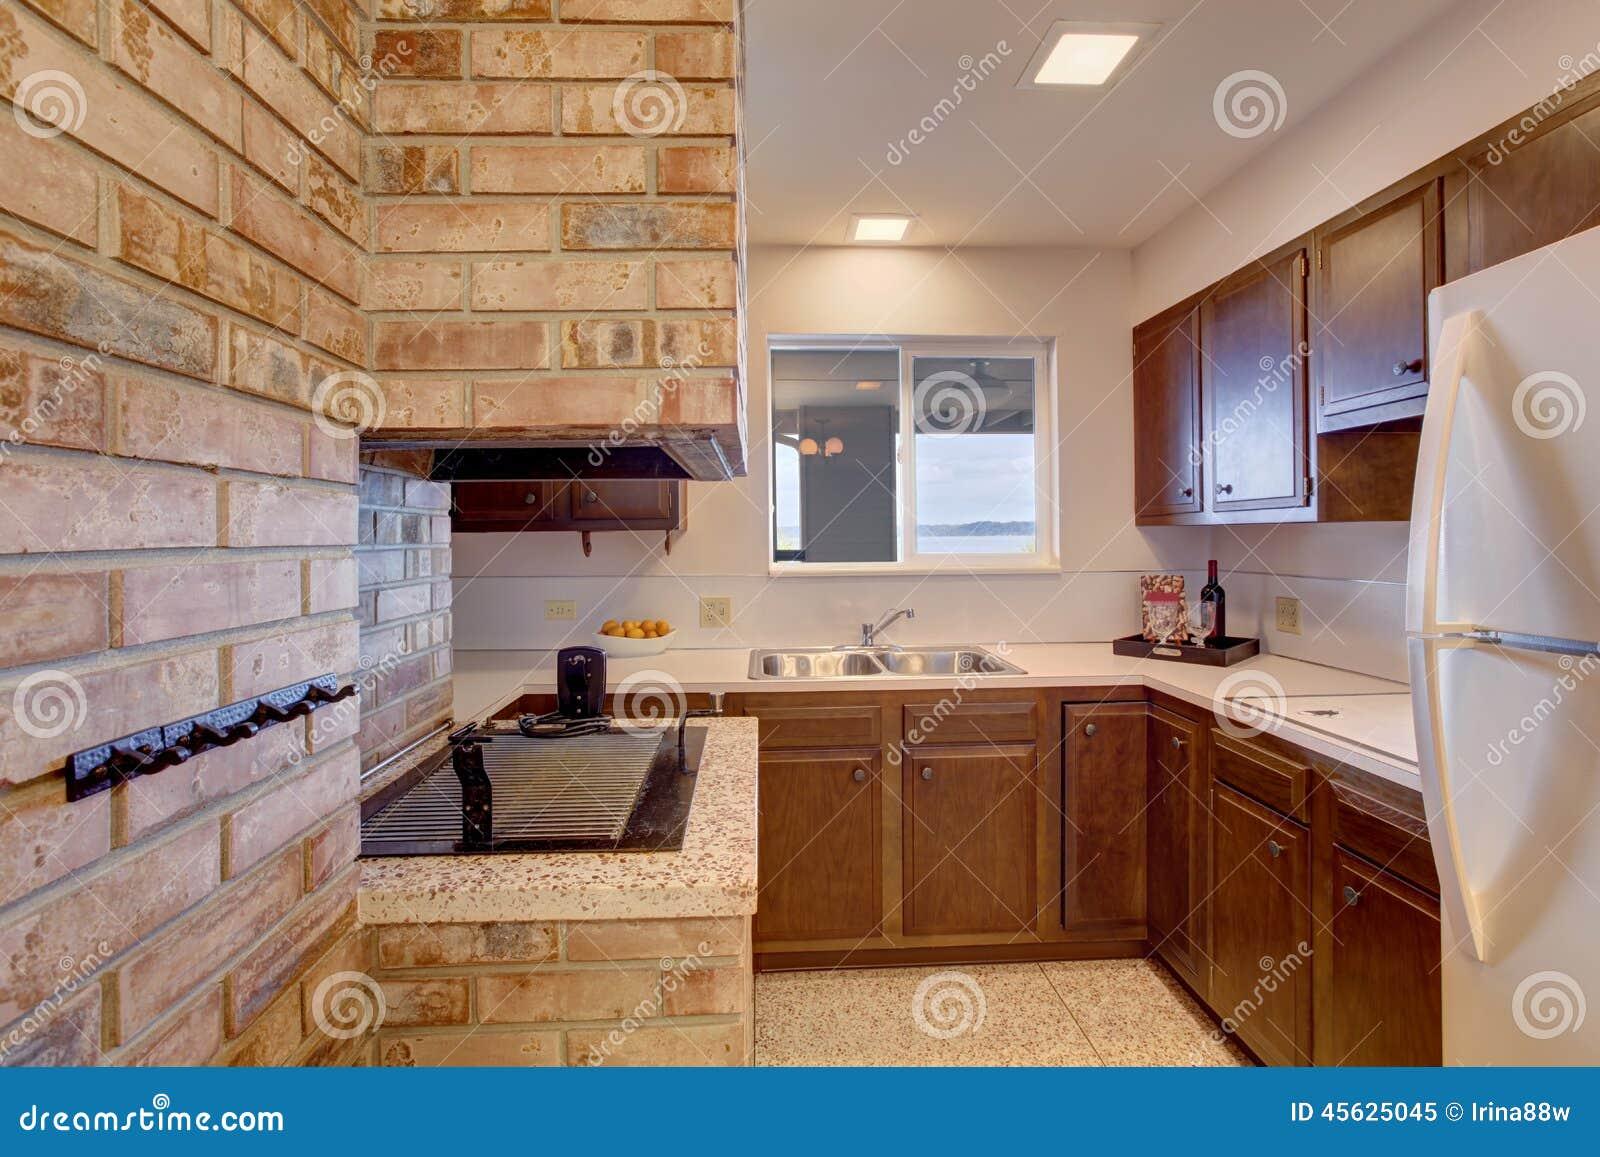 Stanza della cucina del seminterrato con il camino - Cucina rustica con camino ...